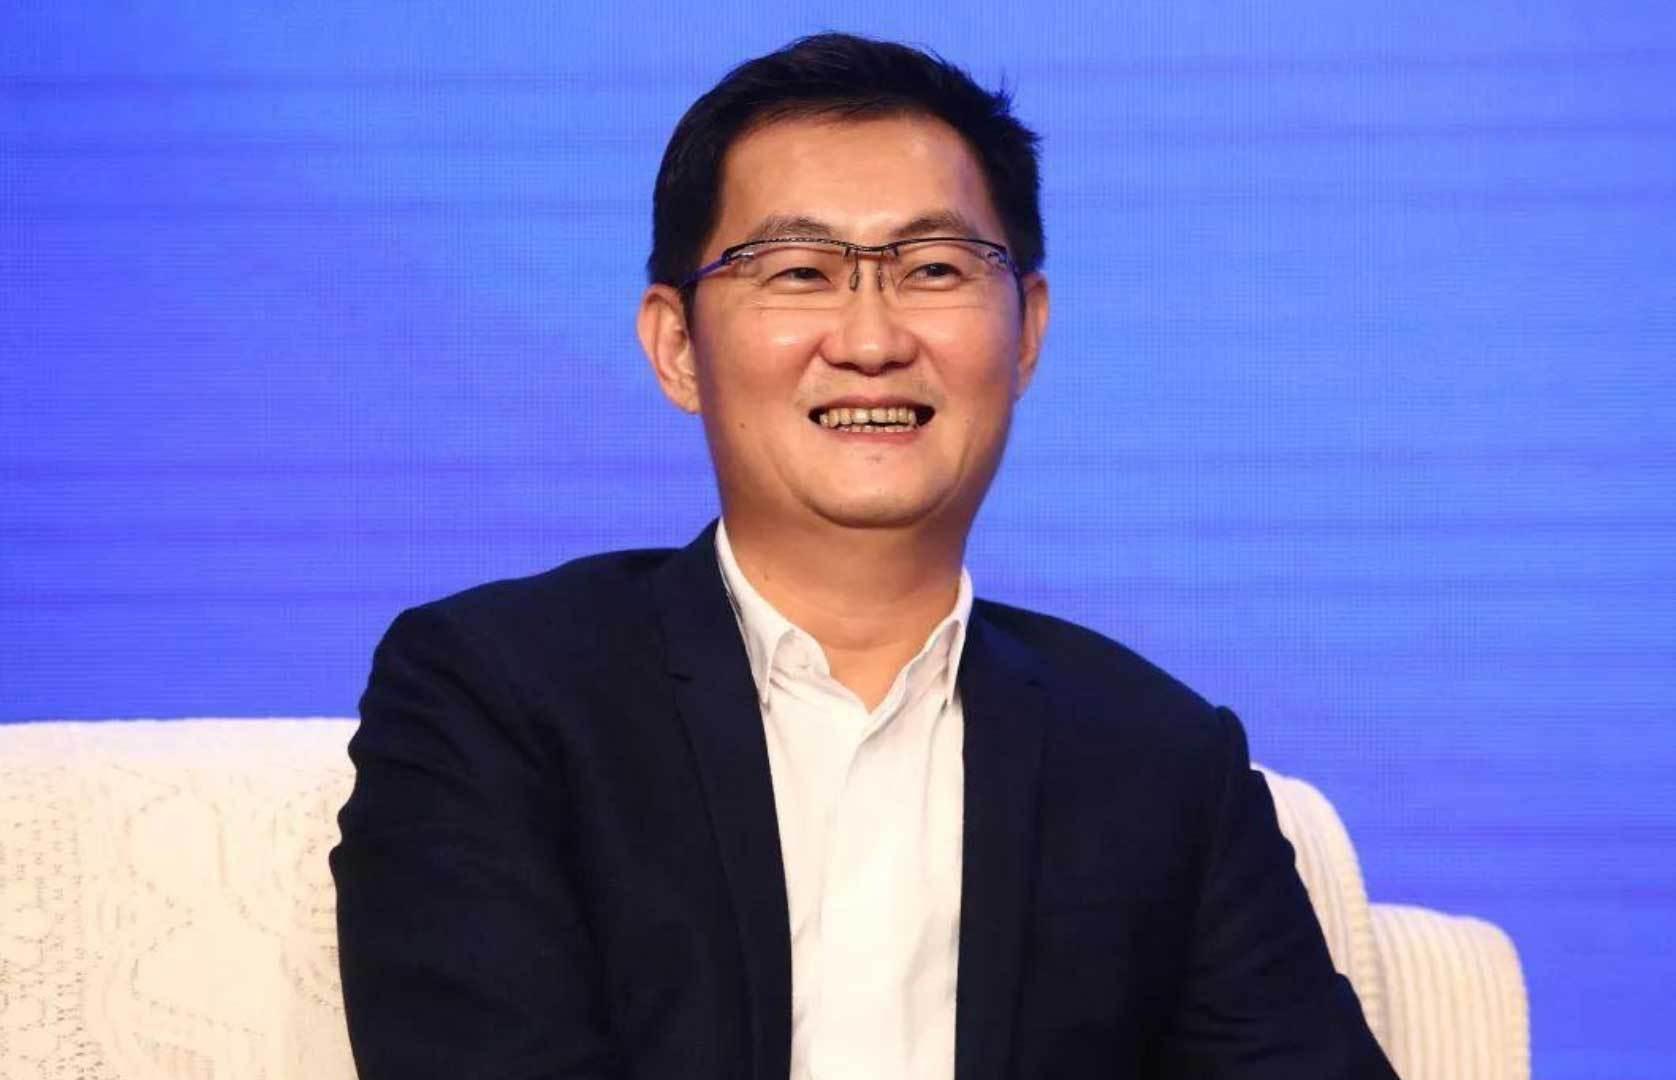 马的英雄主义:腾讯员工每股发行100股,价值7.39万港元